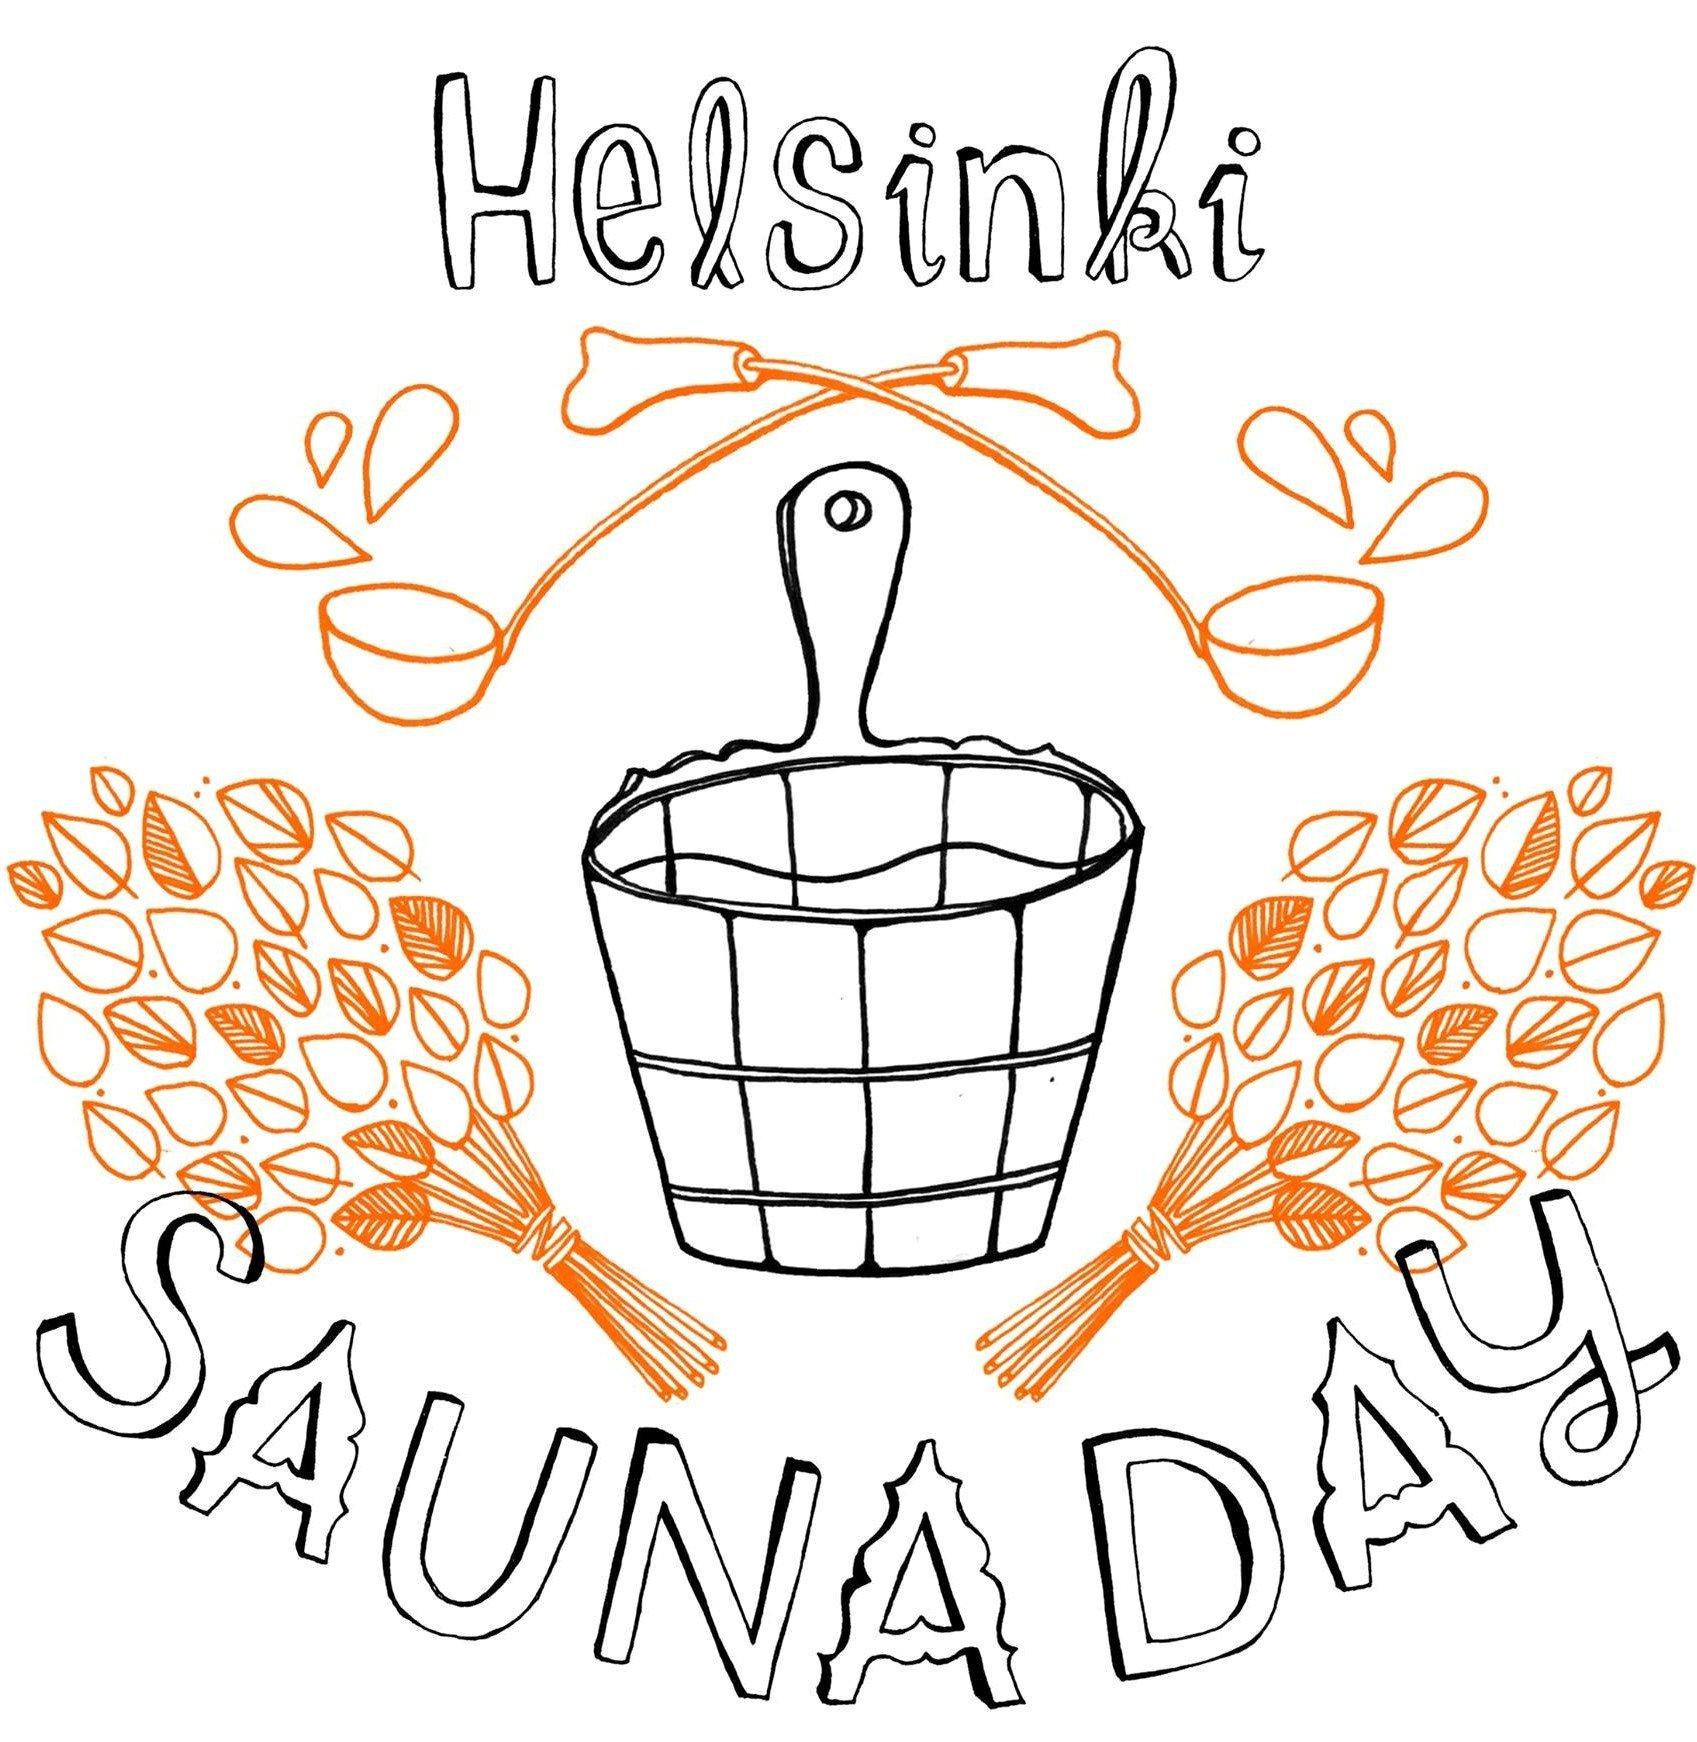 День бани в России и день сауны в Финляндии